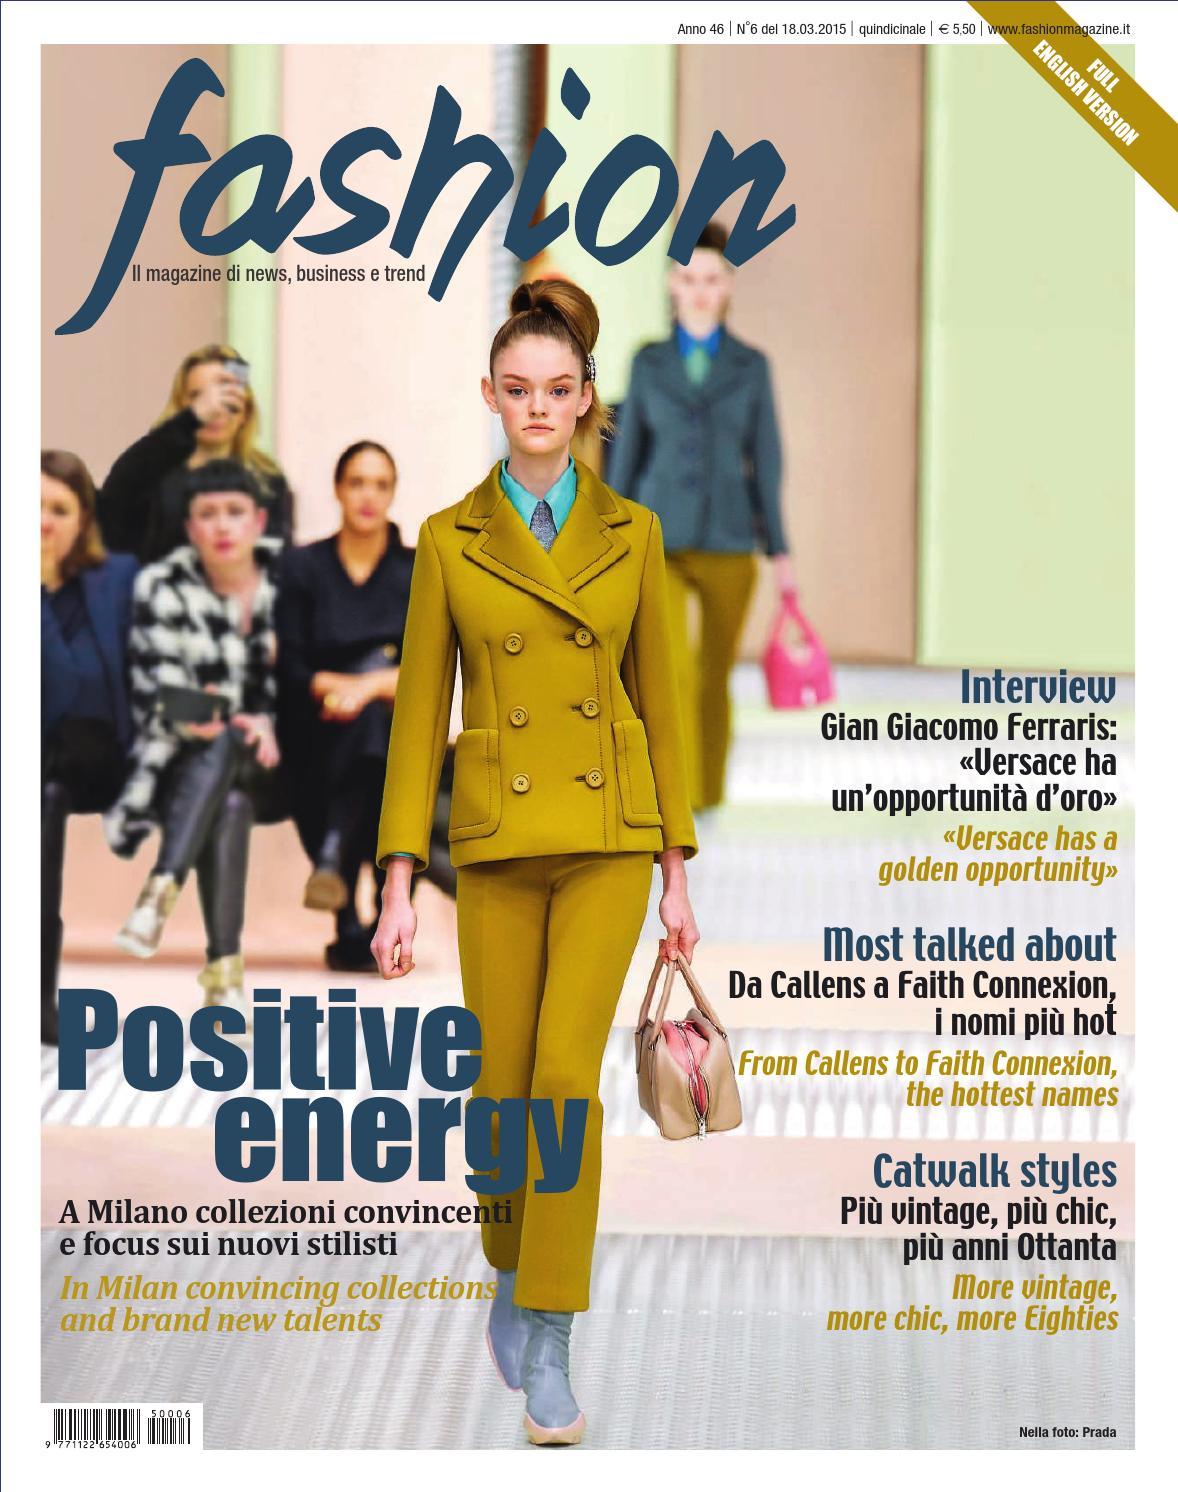 Fashion 6 2015 by Fashionmagazine - issuu 2ff9497b1f8